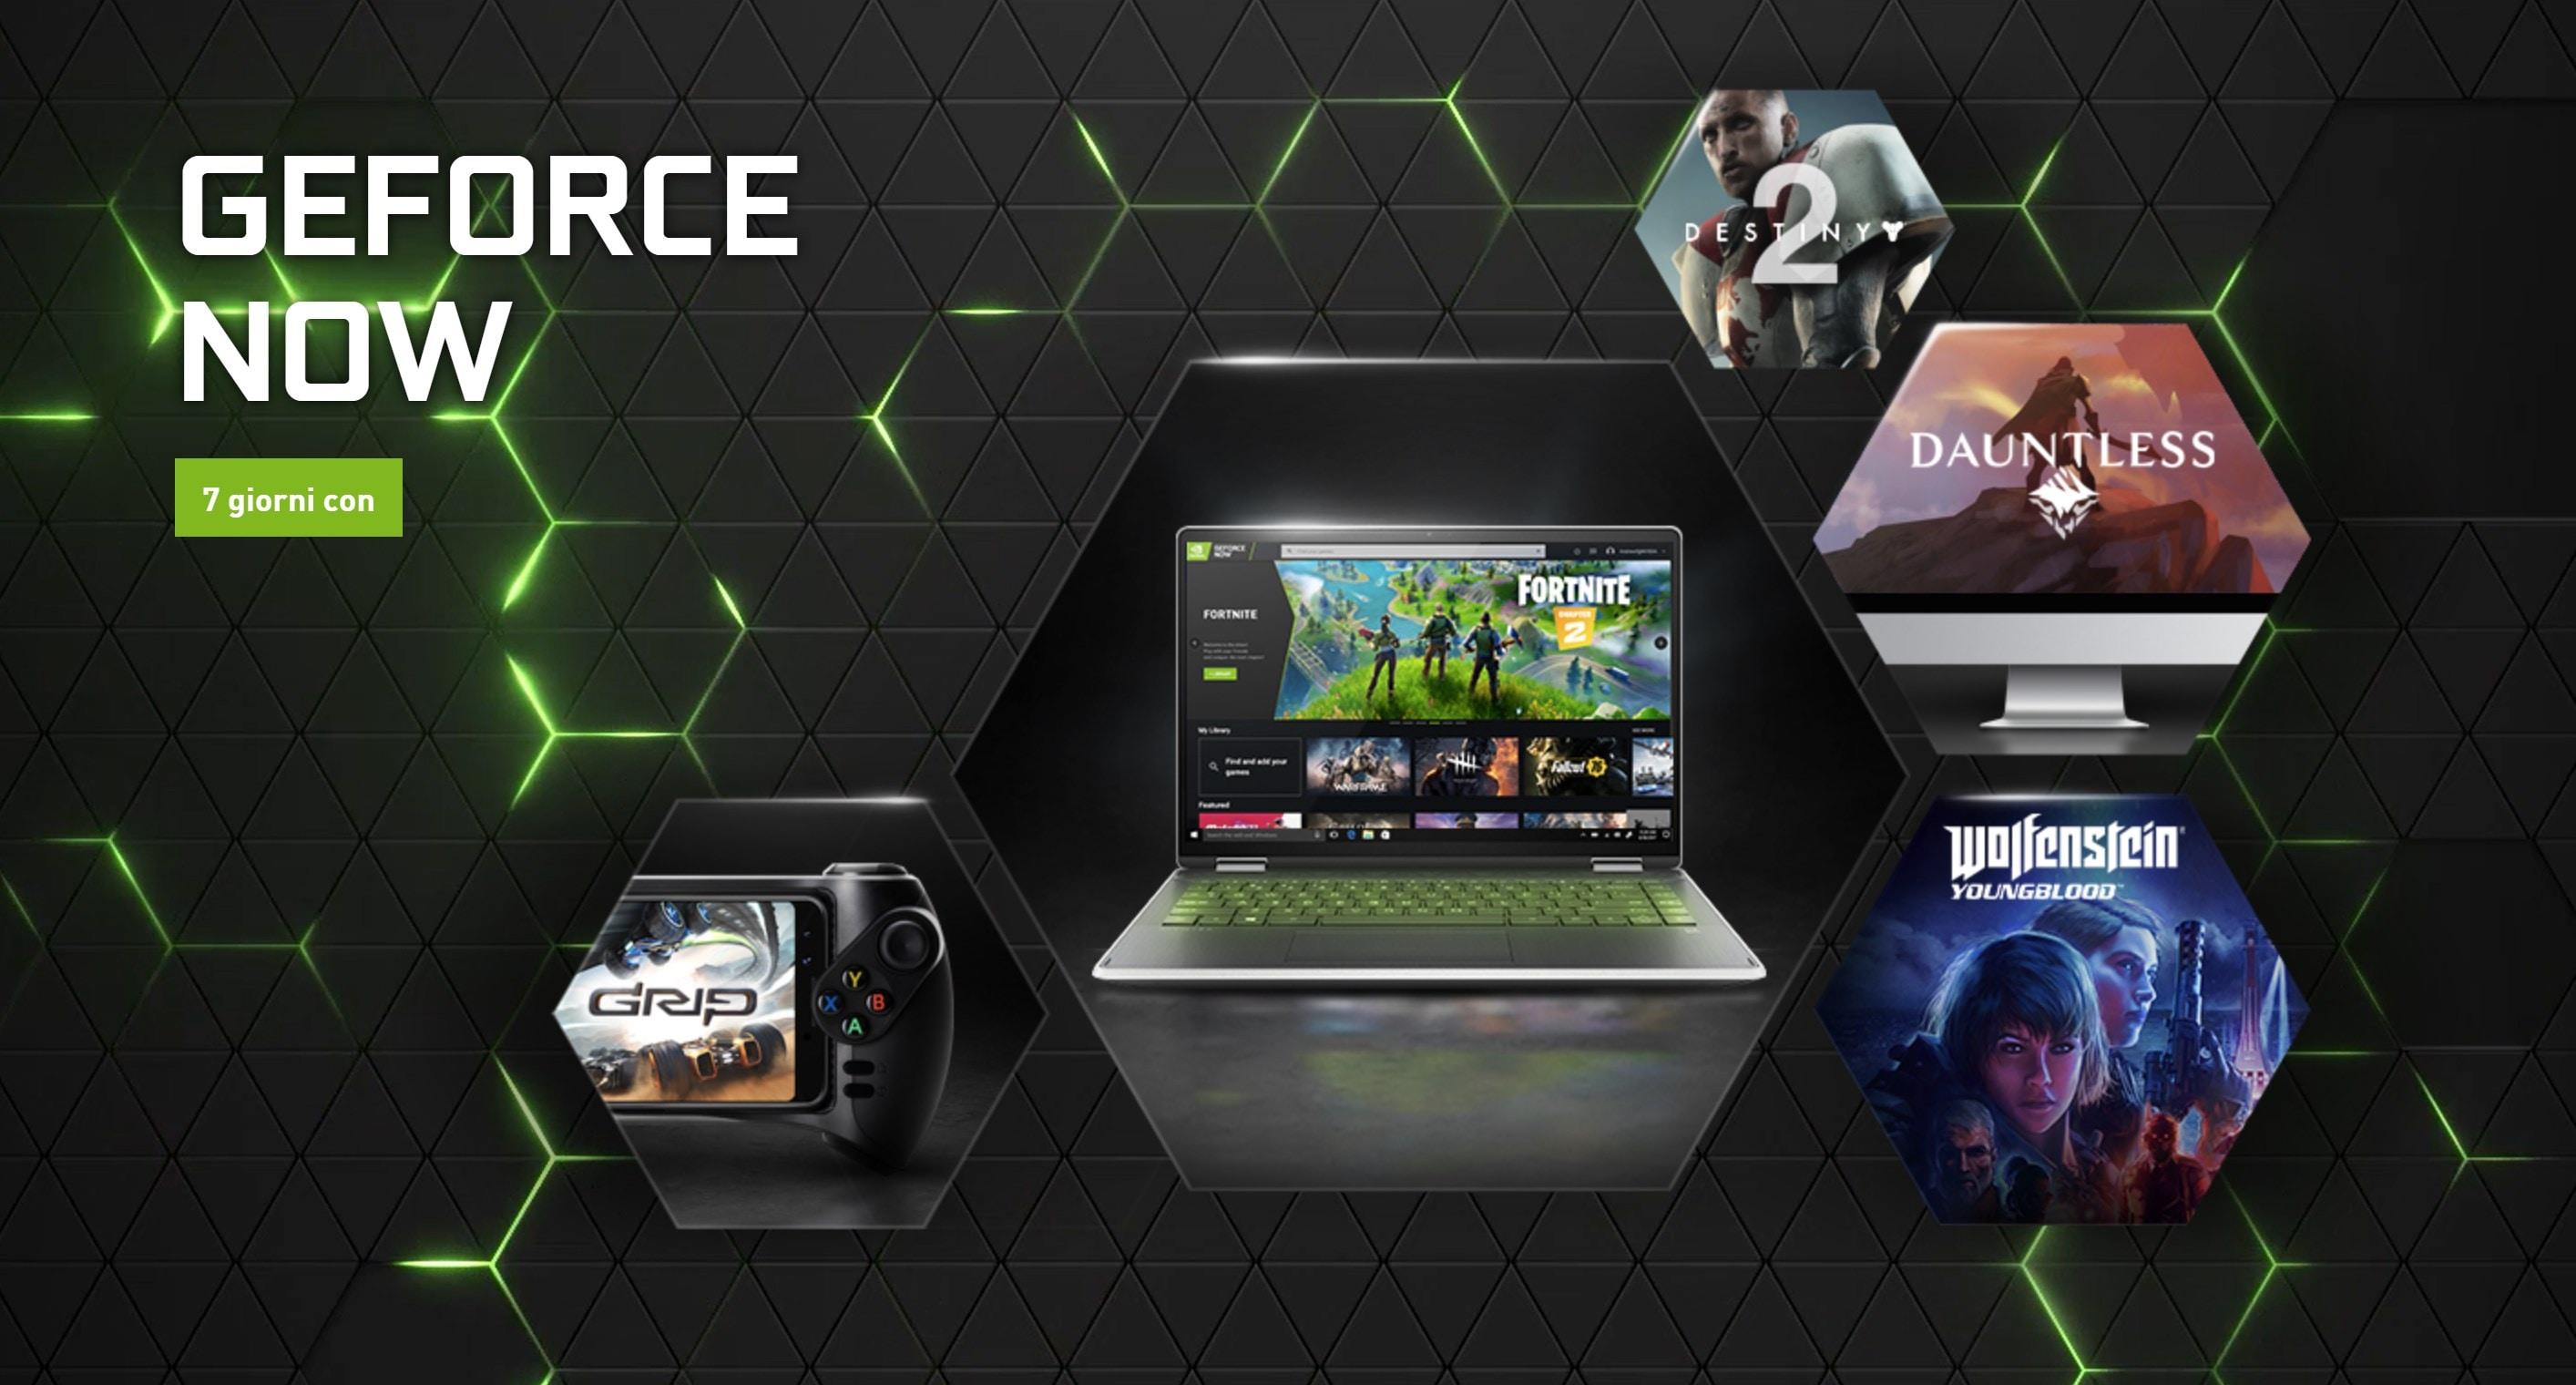 Anche Bandai Namco fa dietrofront: rimossi moltissimi titoli dalla piattaforma Geforce Now